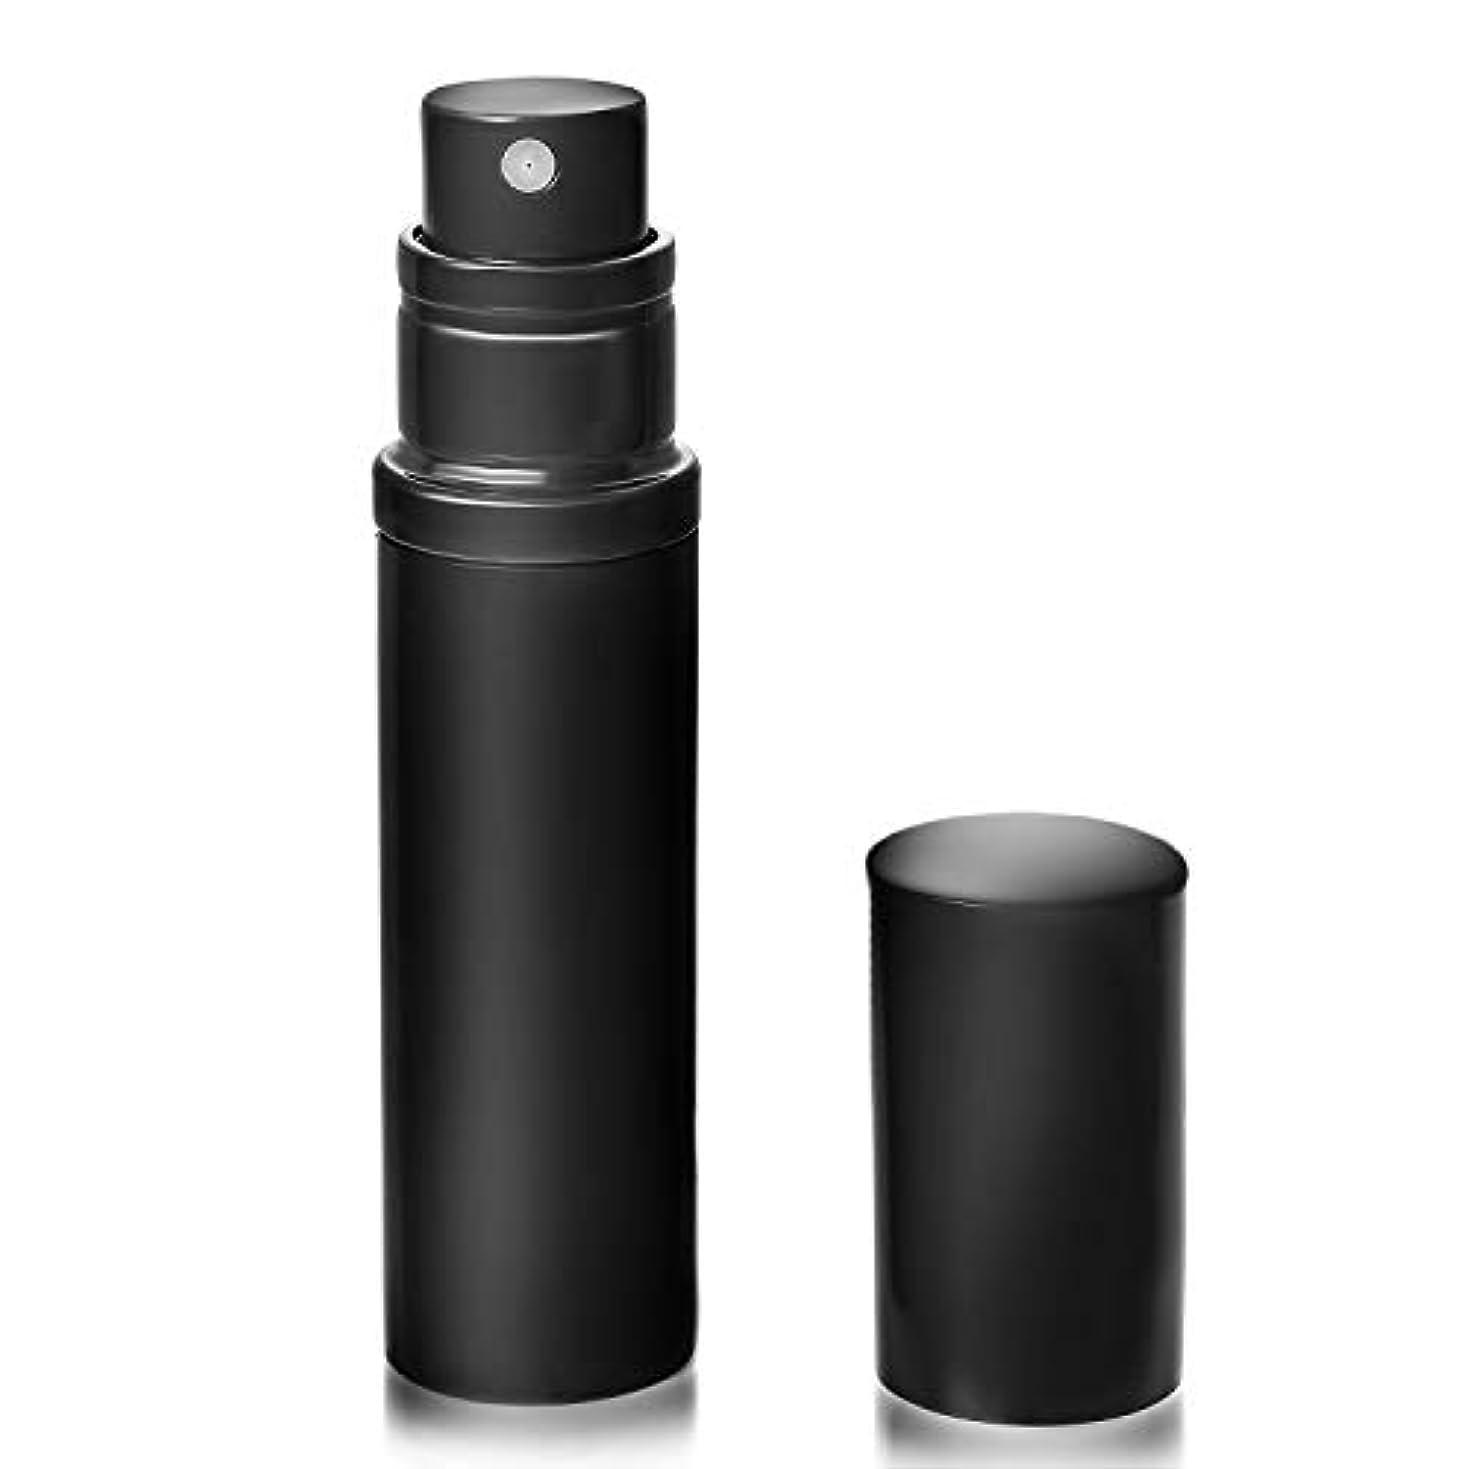 国家後継シャークアトマイザ- 香水 クイックアトマイザー ワンタッチ 入れ物 簡単 持ち運び 詰め替え ポータブルクイック 容器 香水噴霧器 ブラック YOOMARO